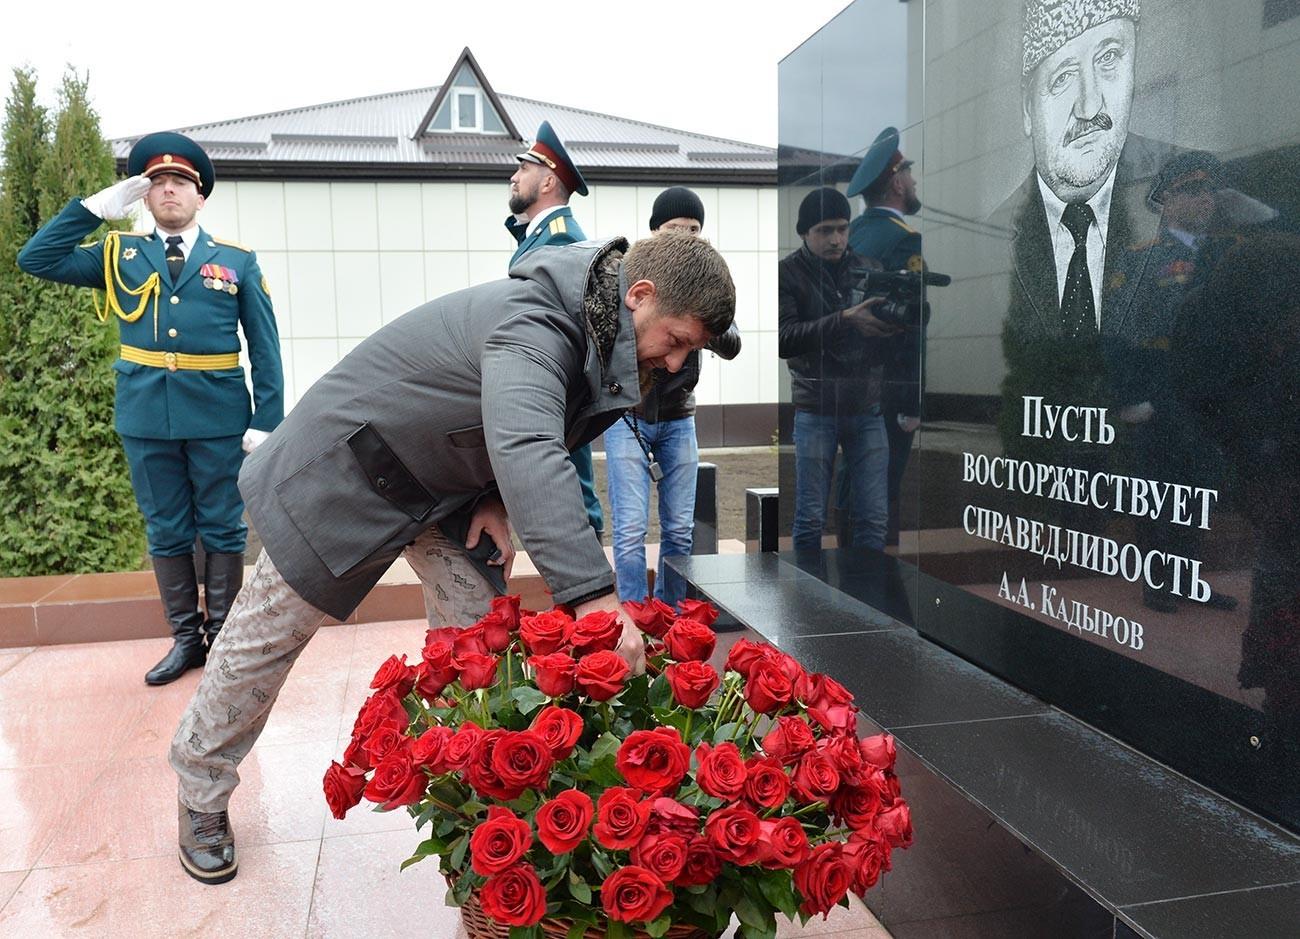 Präsident der russischen Teilrepublik Tschetschenien Ramsan Kadyrow am Denkmal für seinen Vater